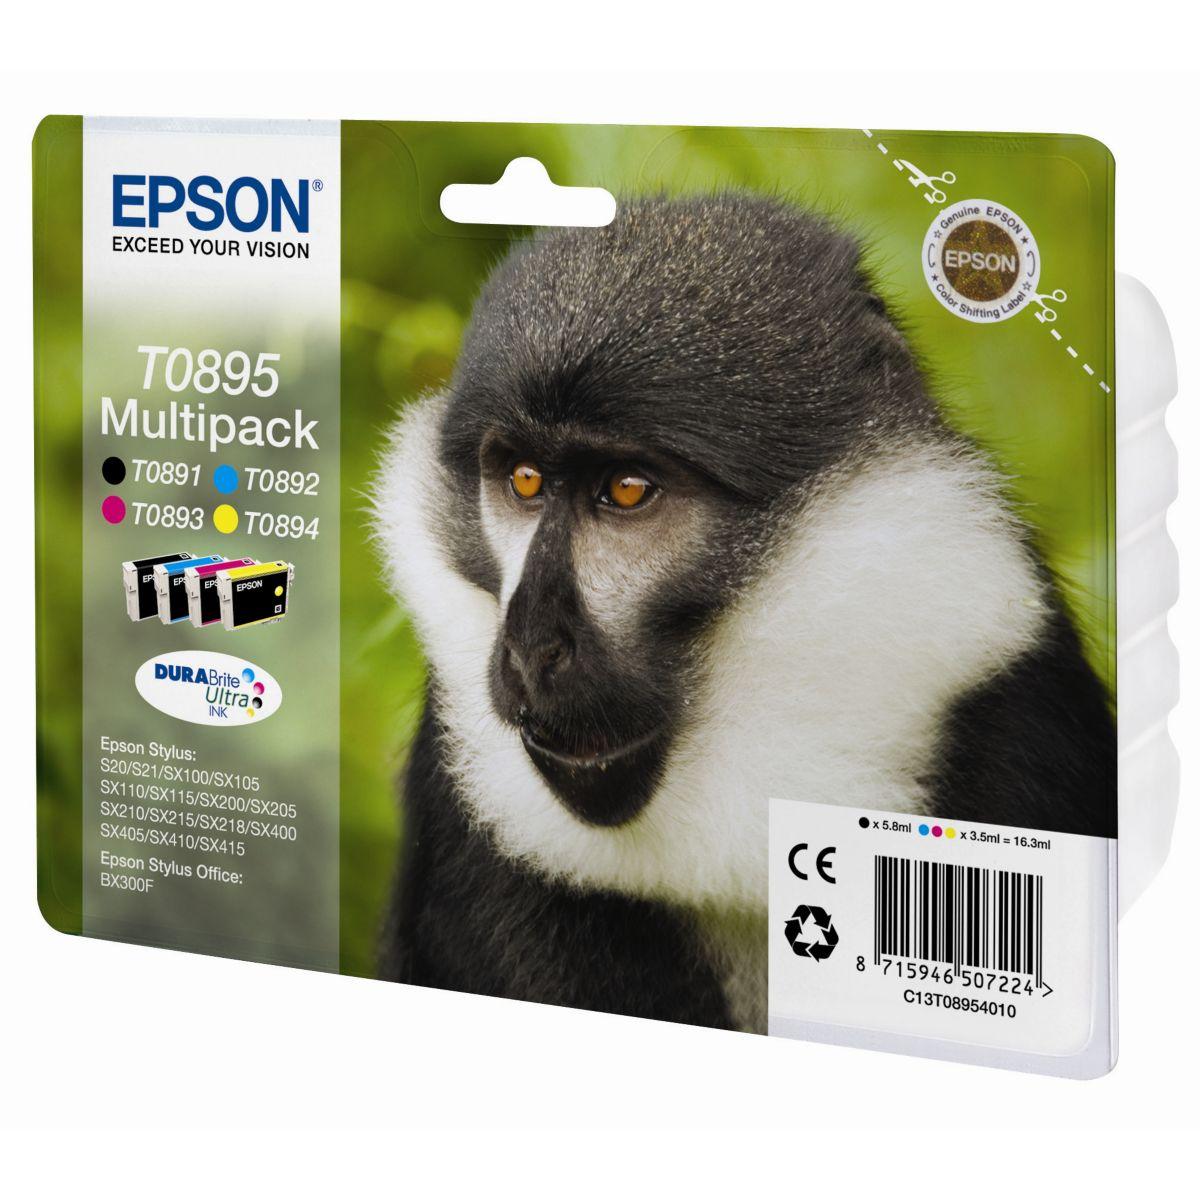 Multipack cartouches d'encre epson t0895 (n c m j) série singe - produit coup de coeur webdistrib.com !